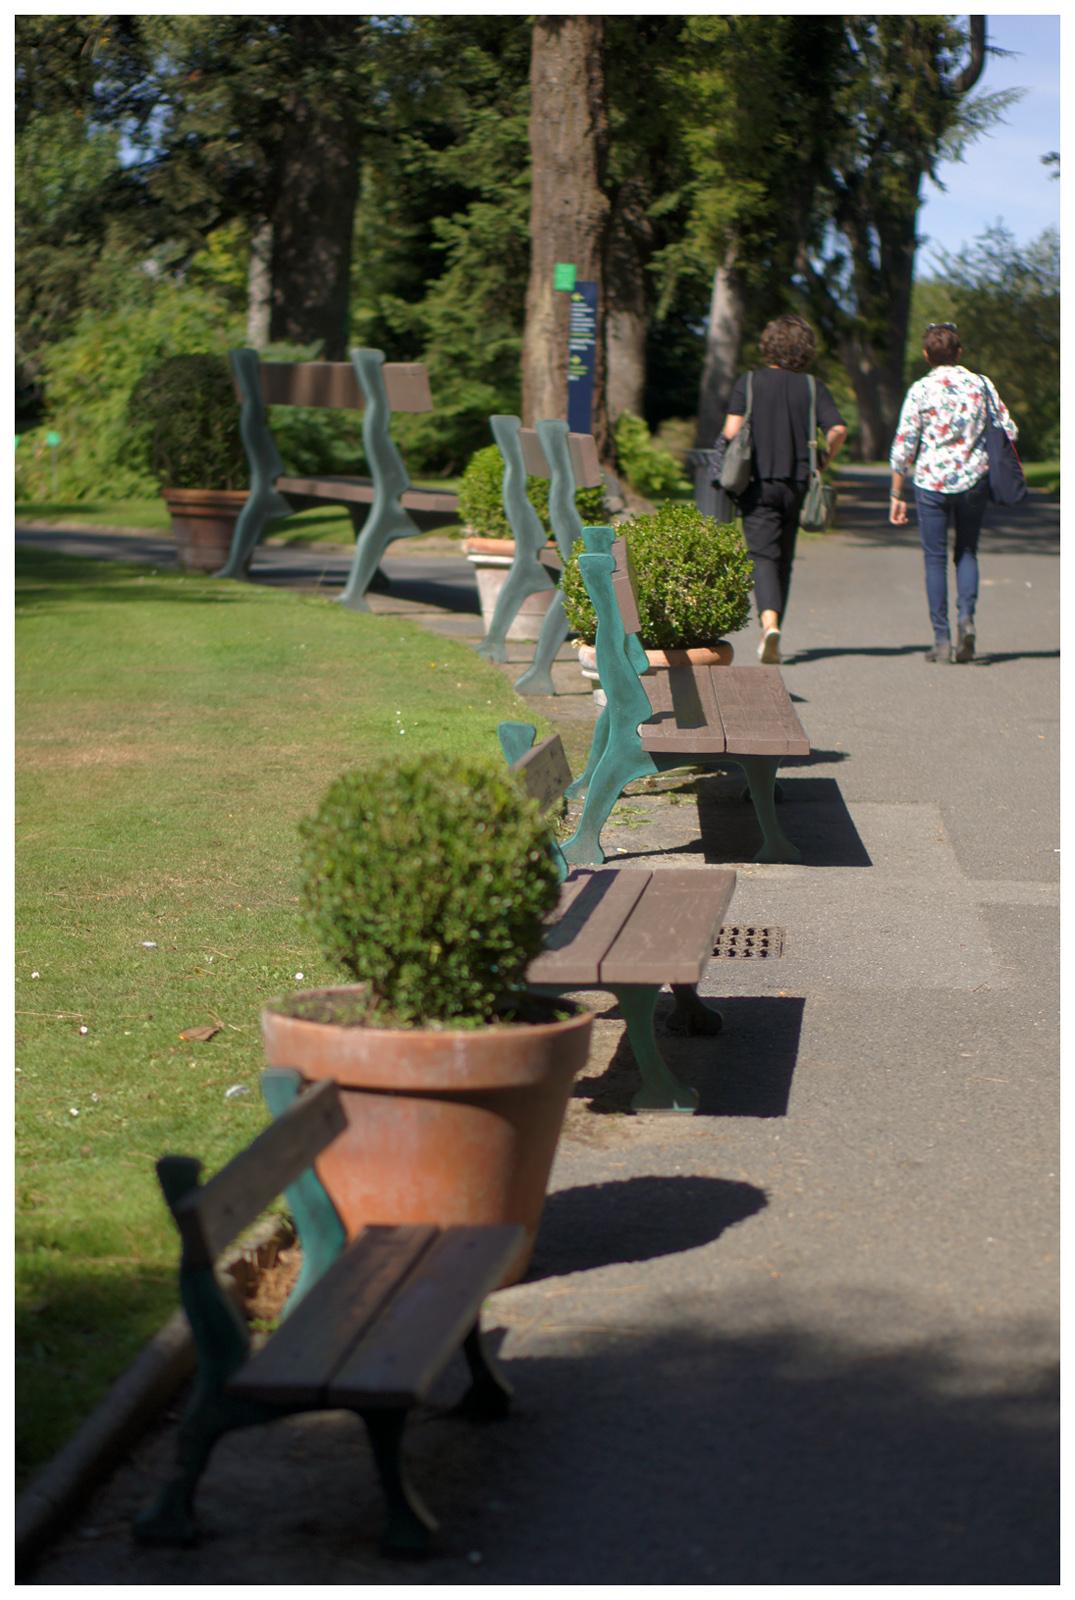 Vieux Banc De Jardin cergipontin: les bancs - benches